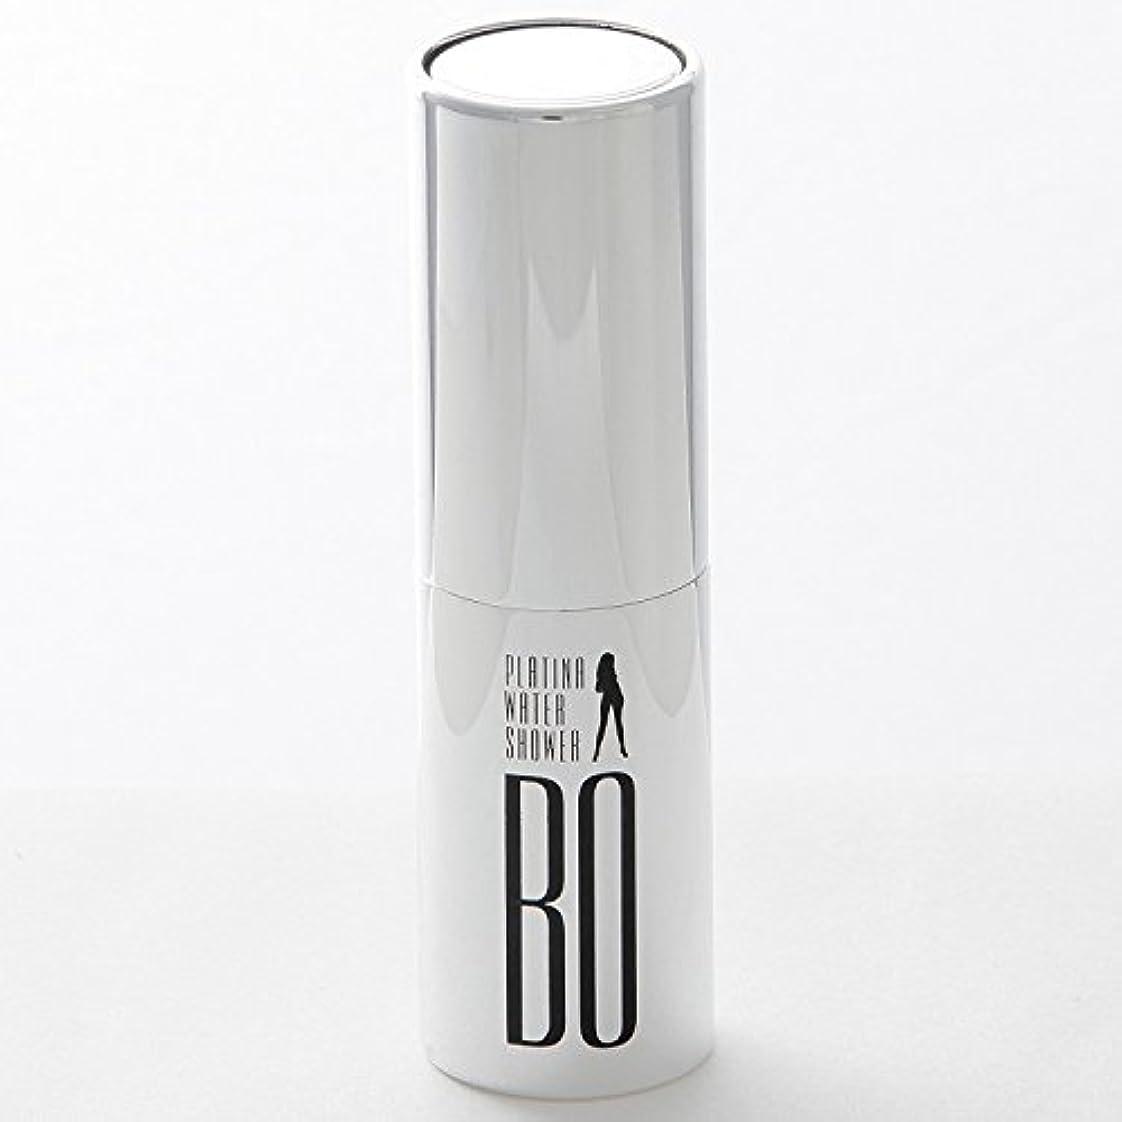 方法厚くする作詞家BO PLATINA WATER SHOWER 20ml ナノプラチナ 消臭 除菌99.9% ニオイ戻りゼロ ヘアートリートメント